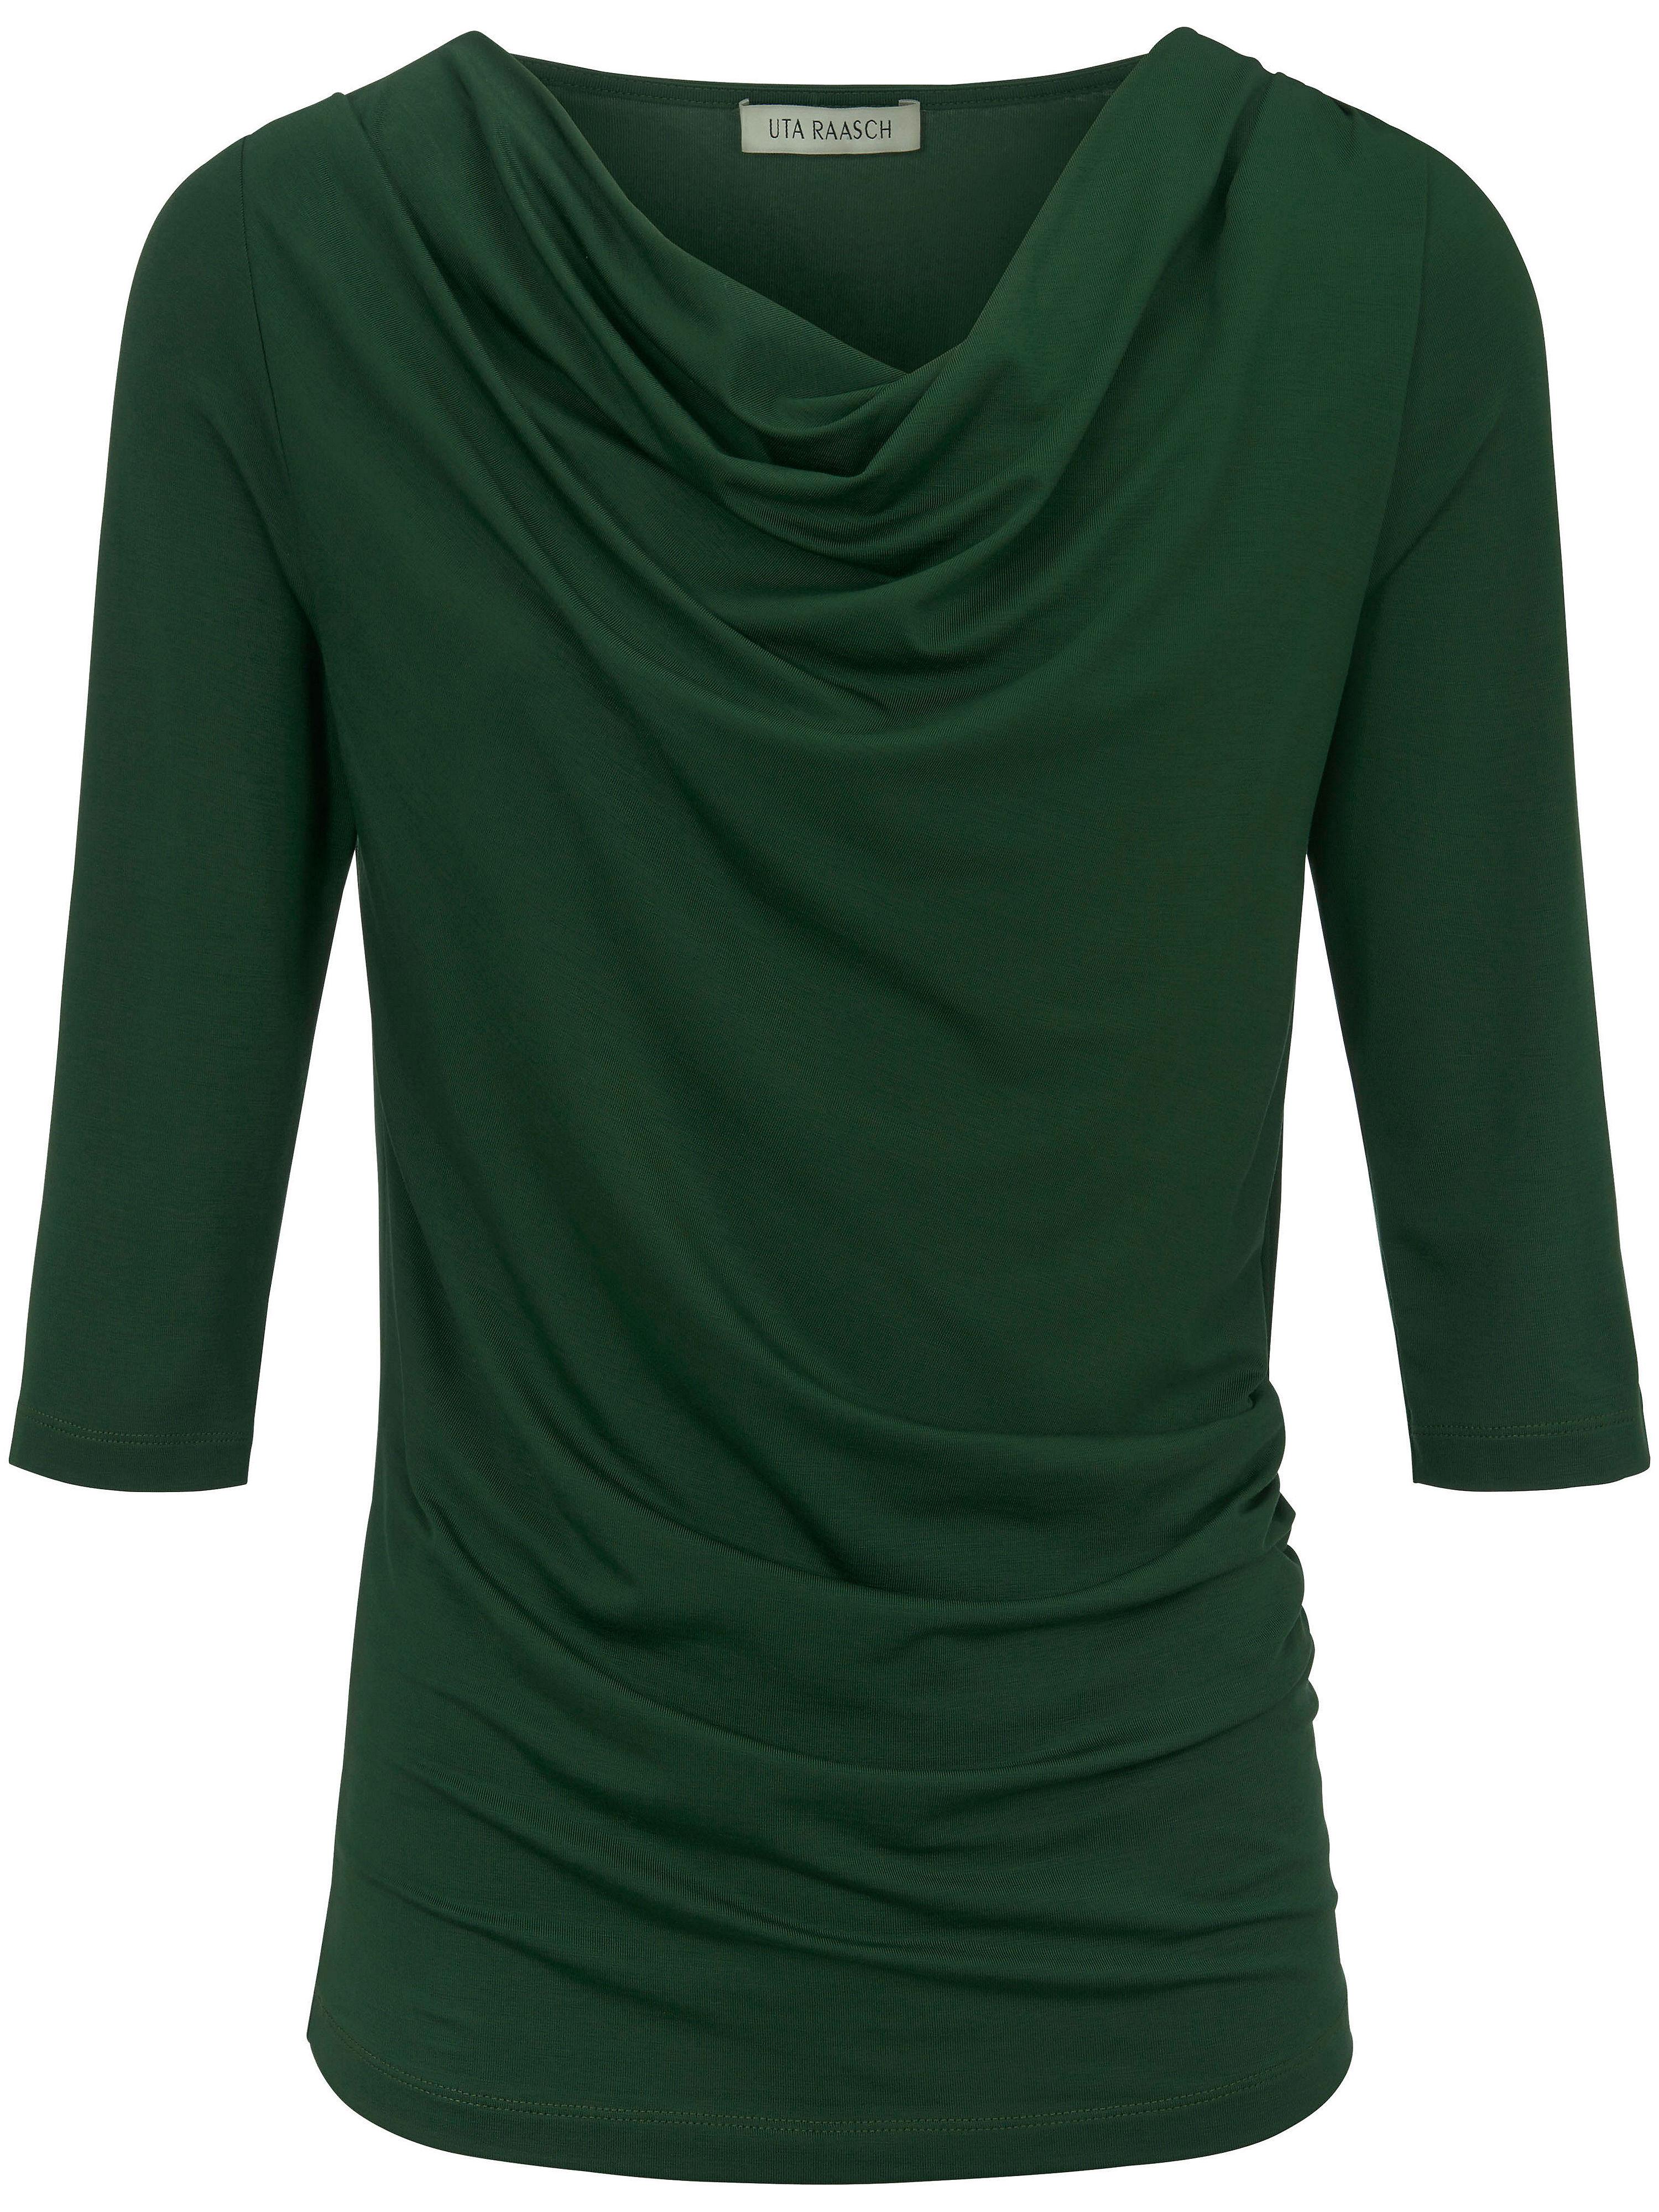 Image of   Bluse 3/4-ærmer Fra Uta Raasch grøn